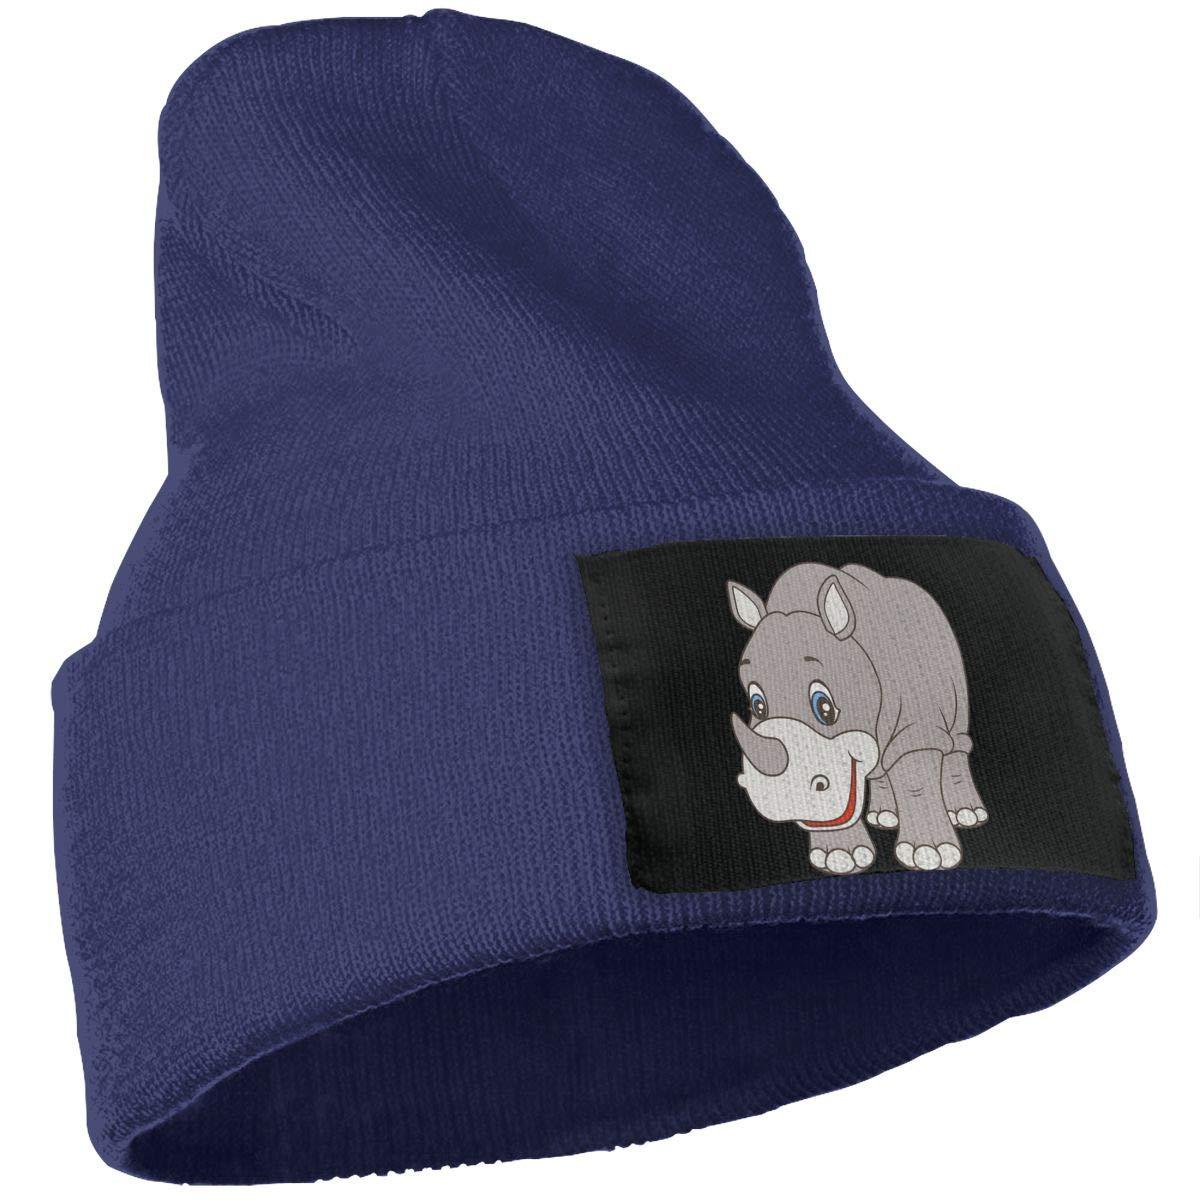 SLADDD1 Rhinoceros Hippopotamus Warm Winter Hat Knit Beanie Skull Cap Cuff Beanie Hat Winter Hats for Men /& Women